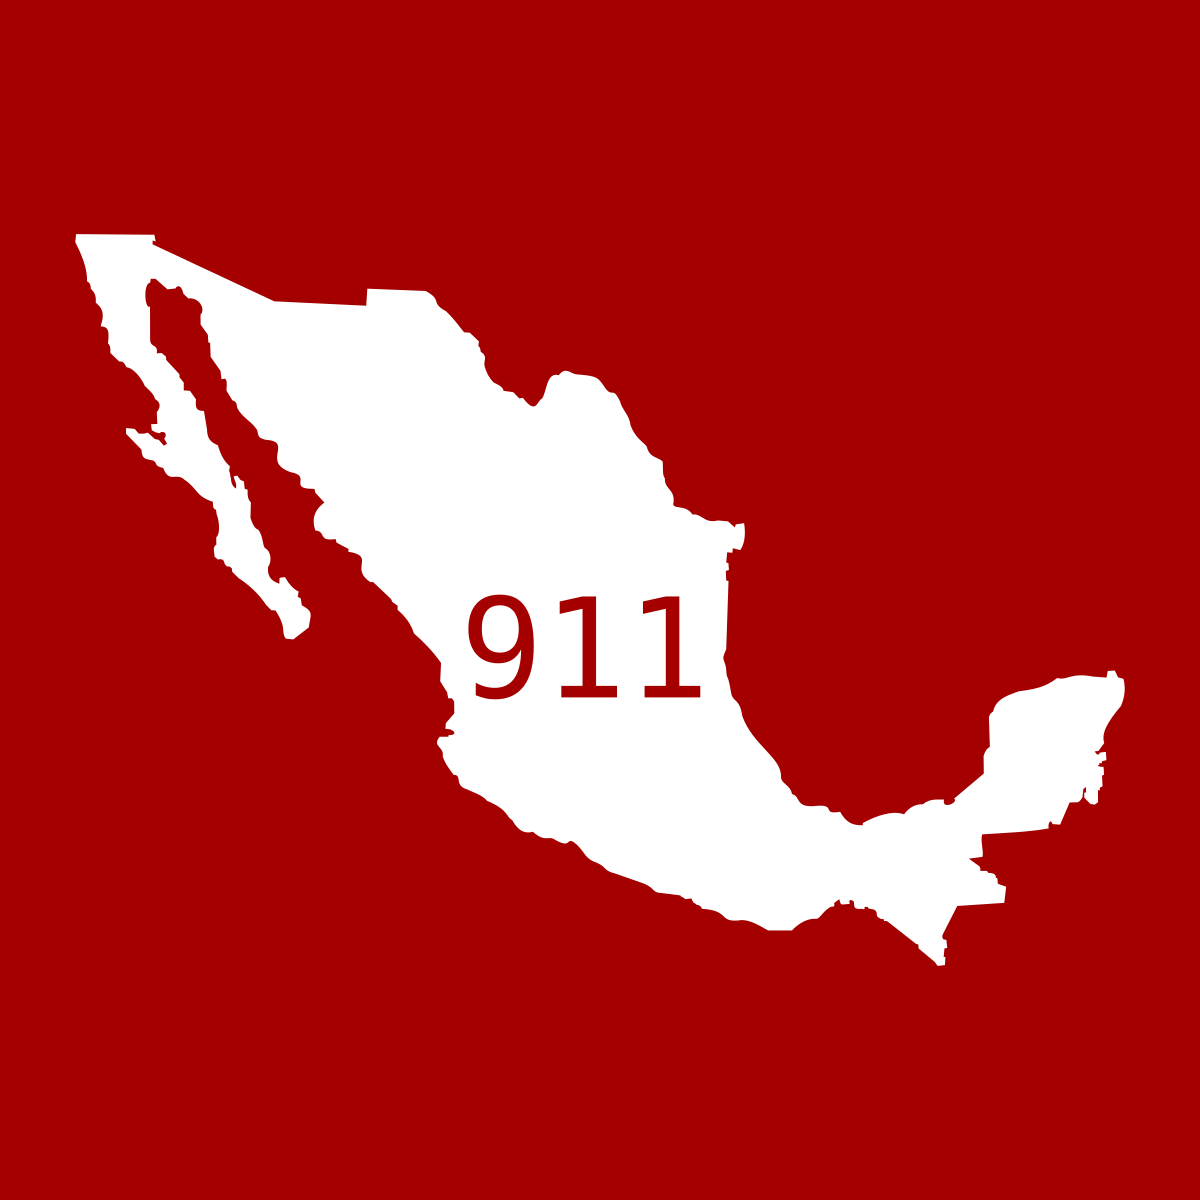 911 México | dial pattern 911 elastix